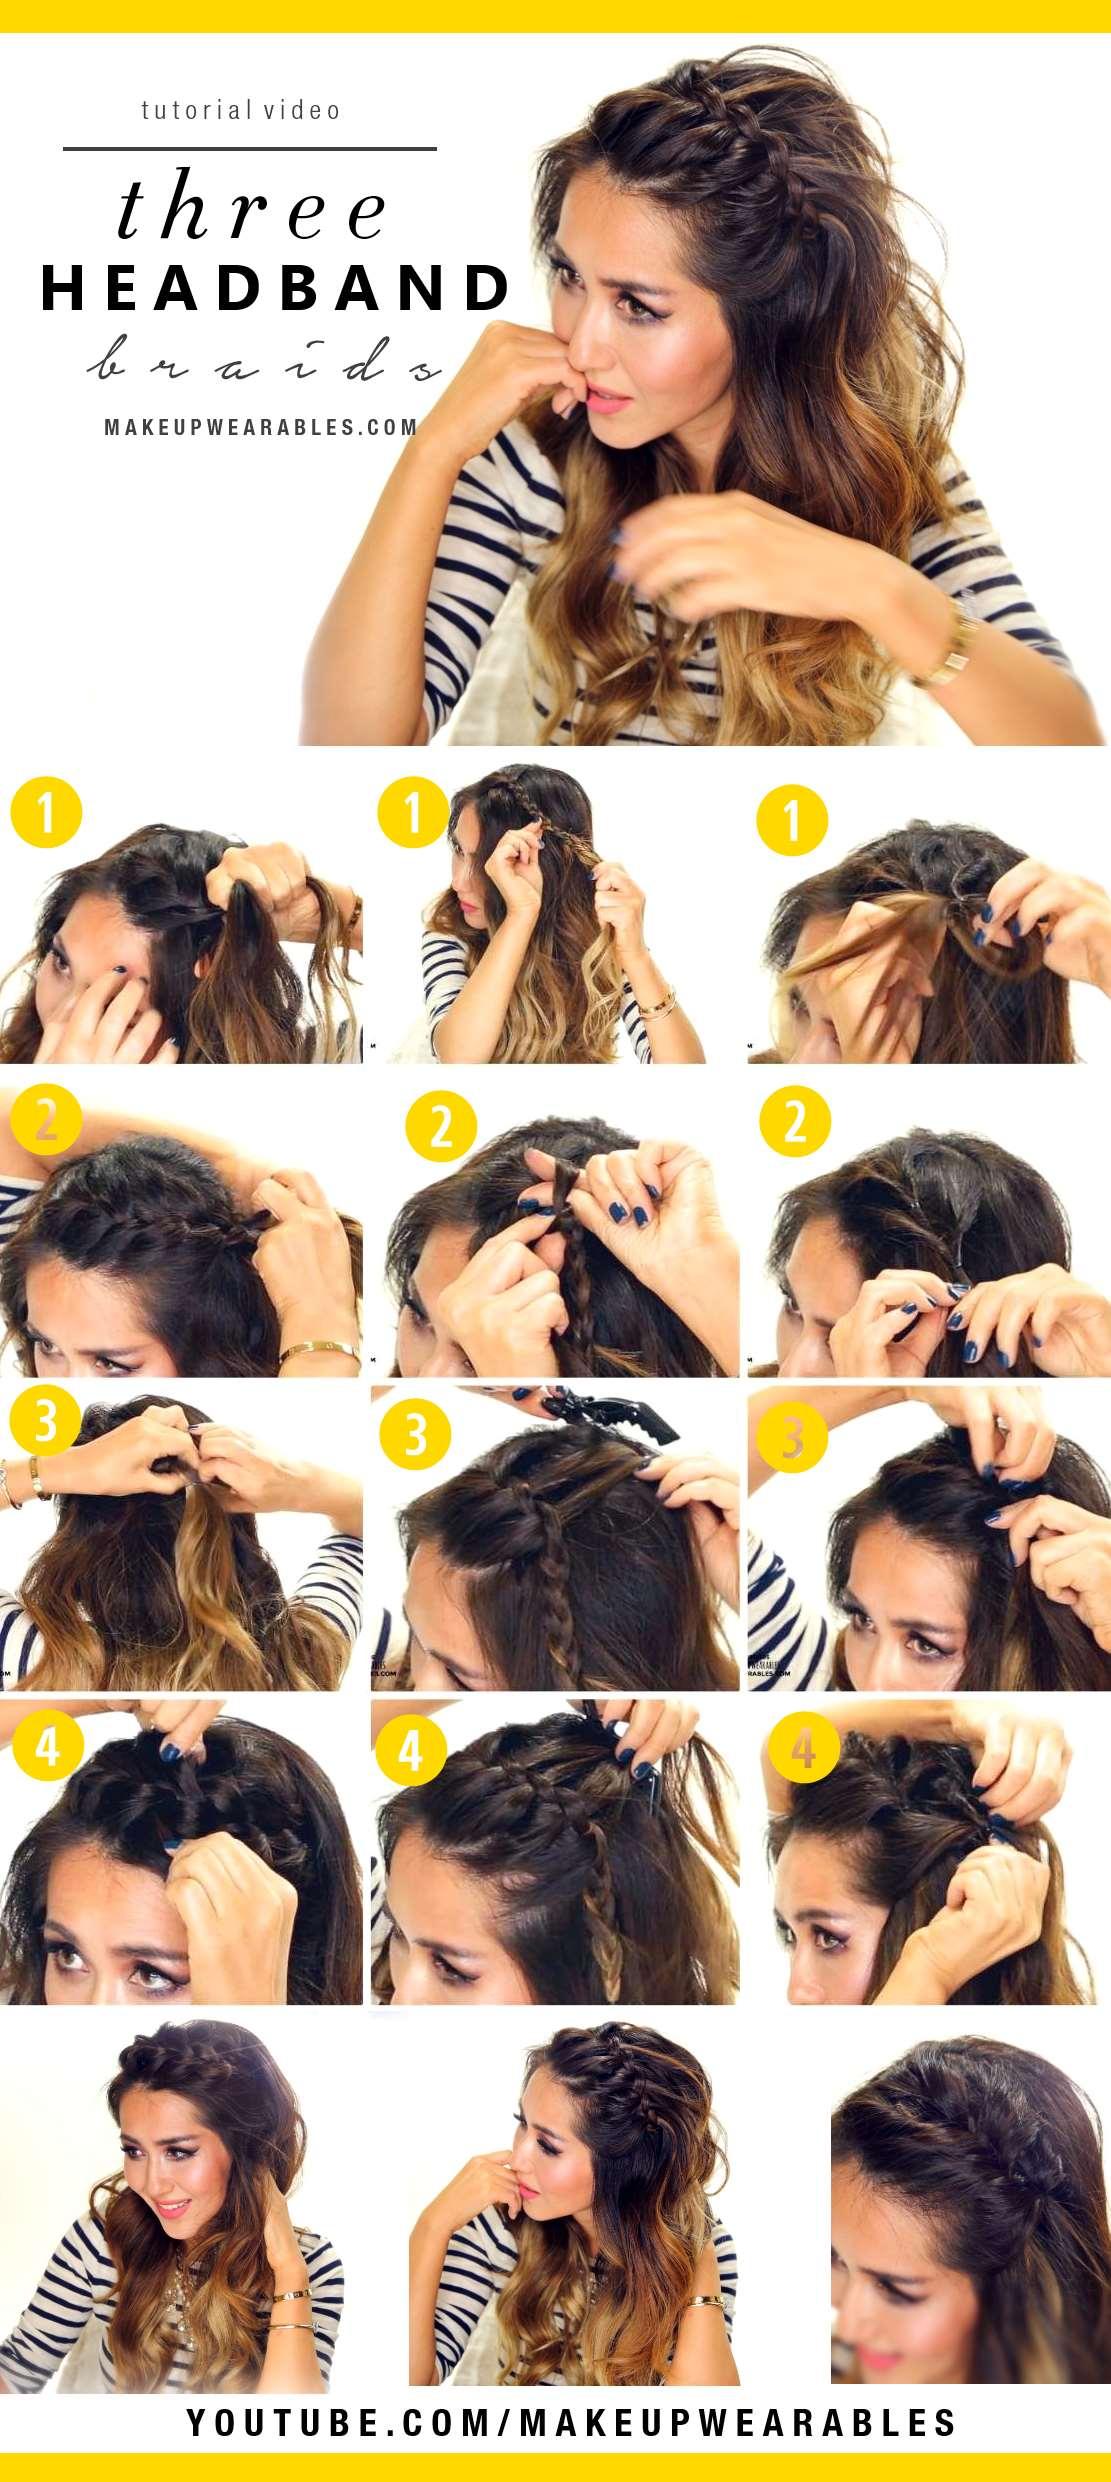 Cómo hacer una diadema de trenza en tres diferentes versiones | 7 Tutoriales de peinados fáciles